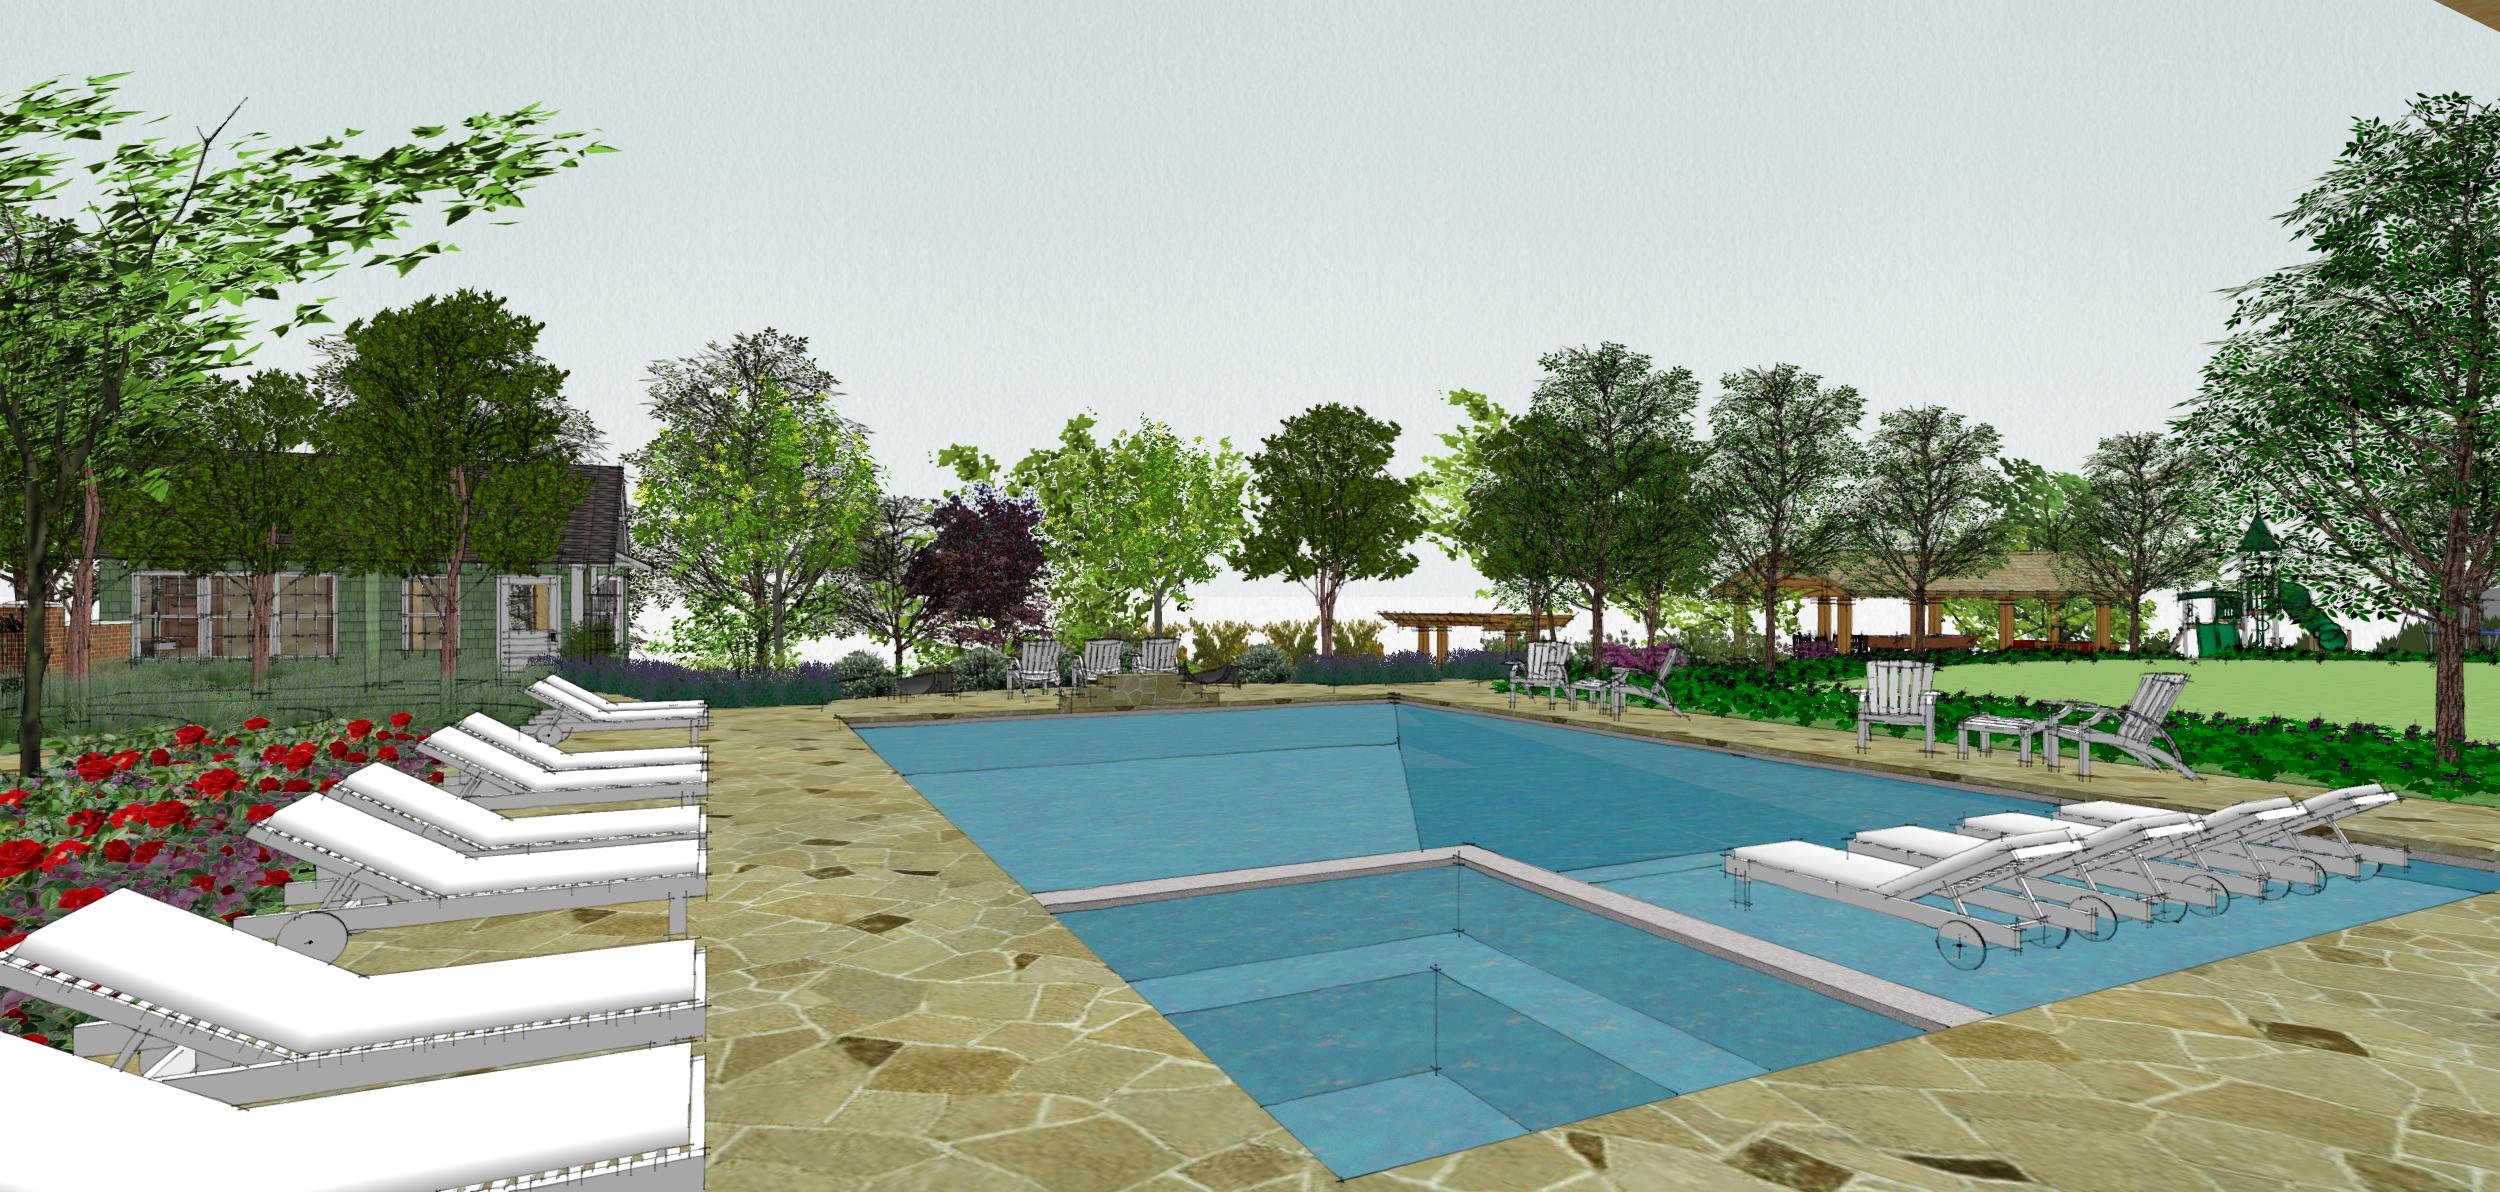 El Alamo Pool